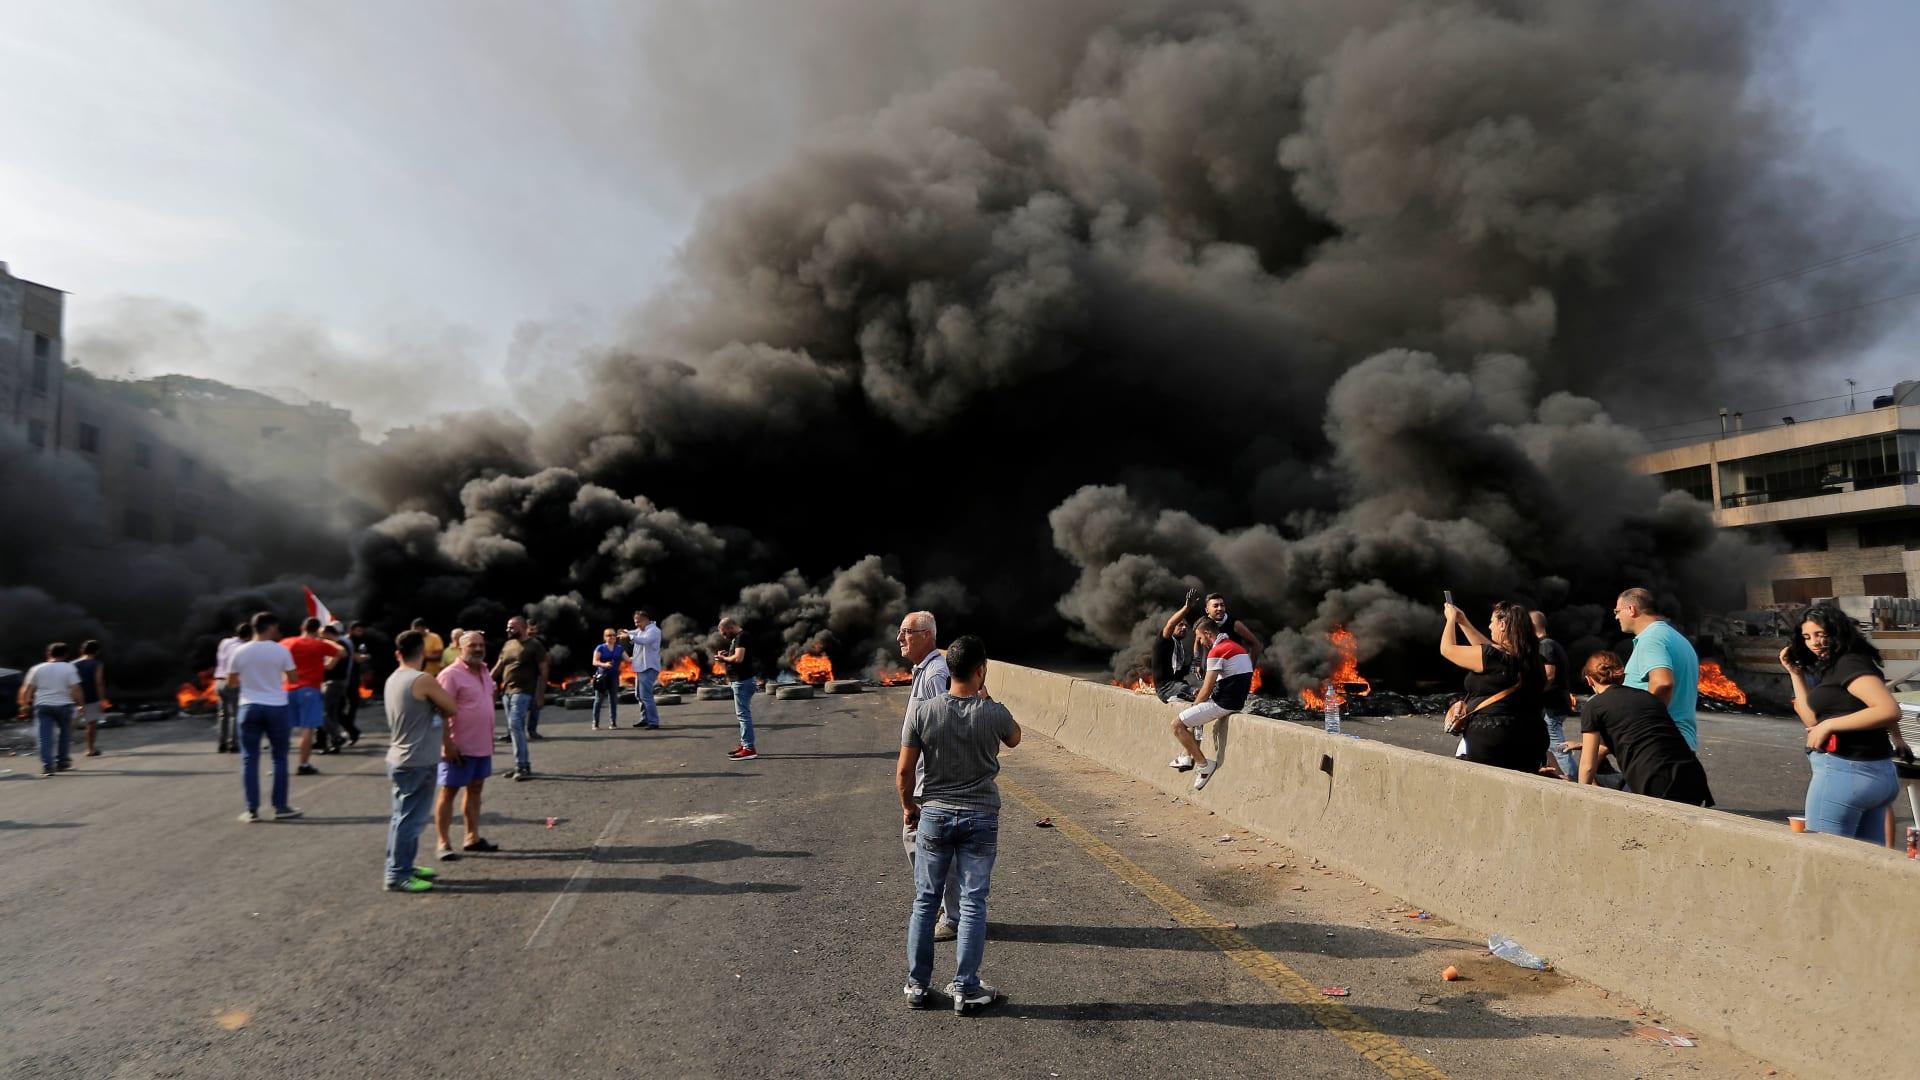 كلمة مرتقبة للحريري بعد مظاهرات لبنان.. وجعجع: أفضل ما يقدمه هو الاستقالة